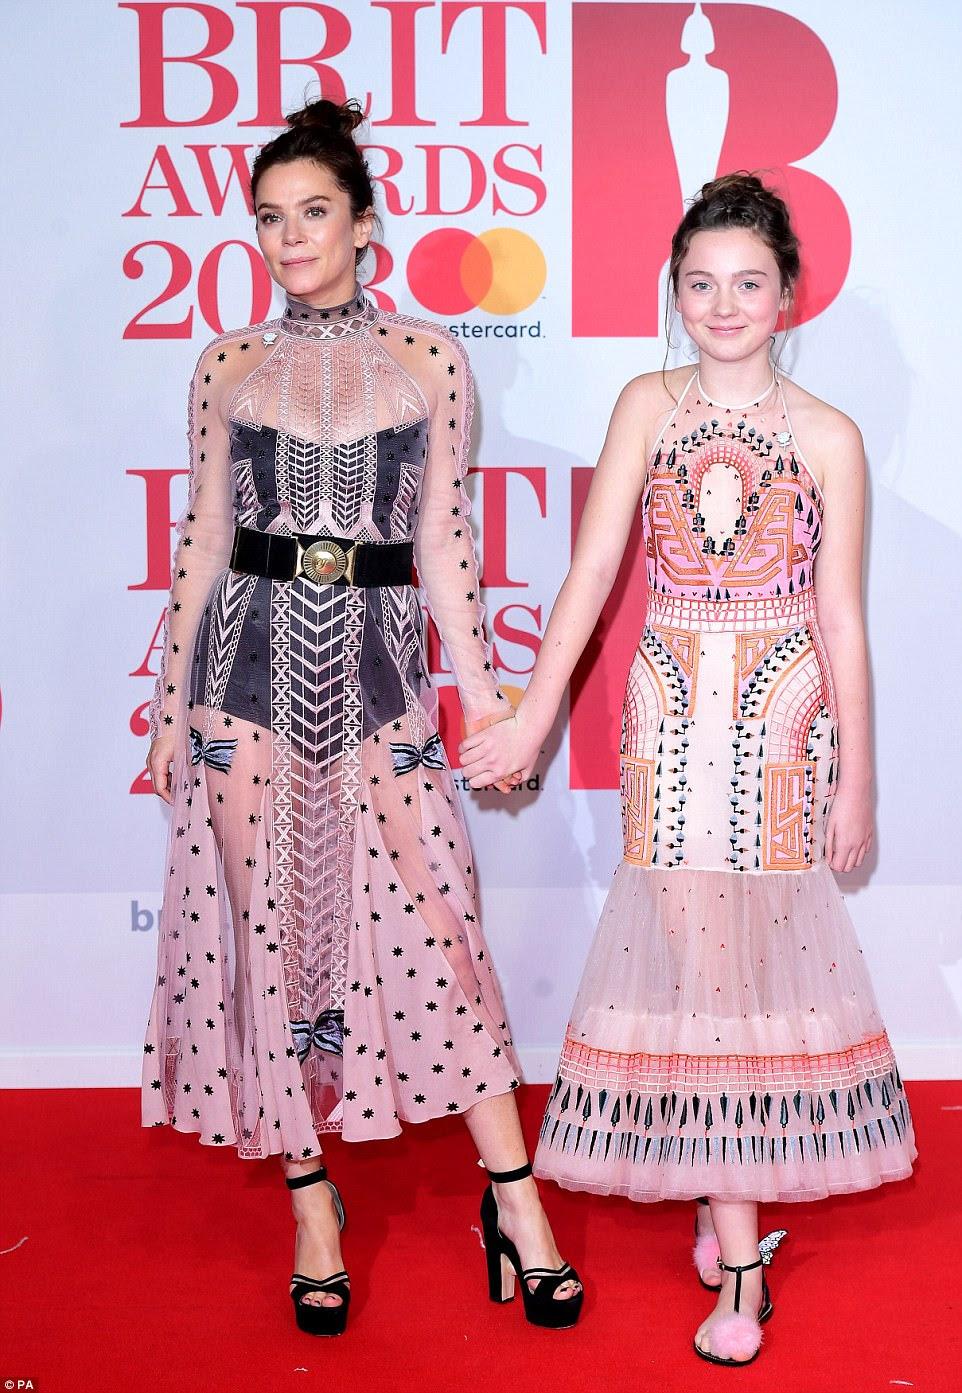 Corresponde com a mãe: Anna Friel traz a filha como graça, Gracie, 12, como seu convidado para os BRITs ... como o par chegar em conjuntos de conjuntos rosa e preto parecidos.